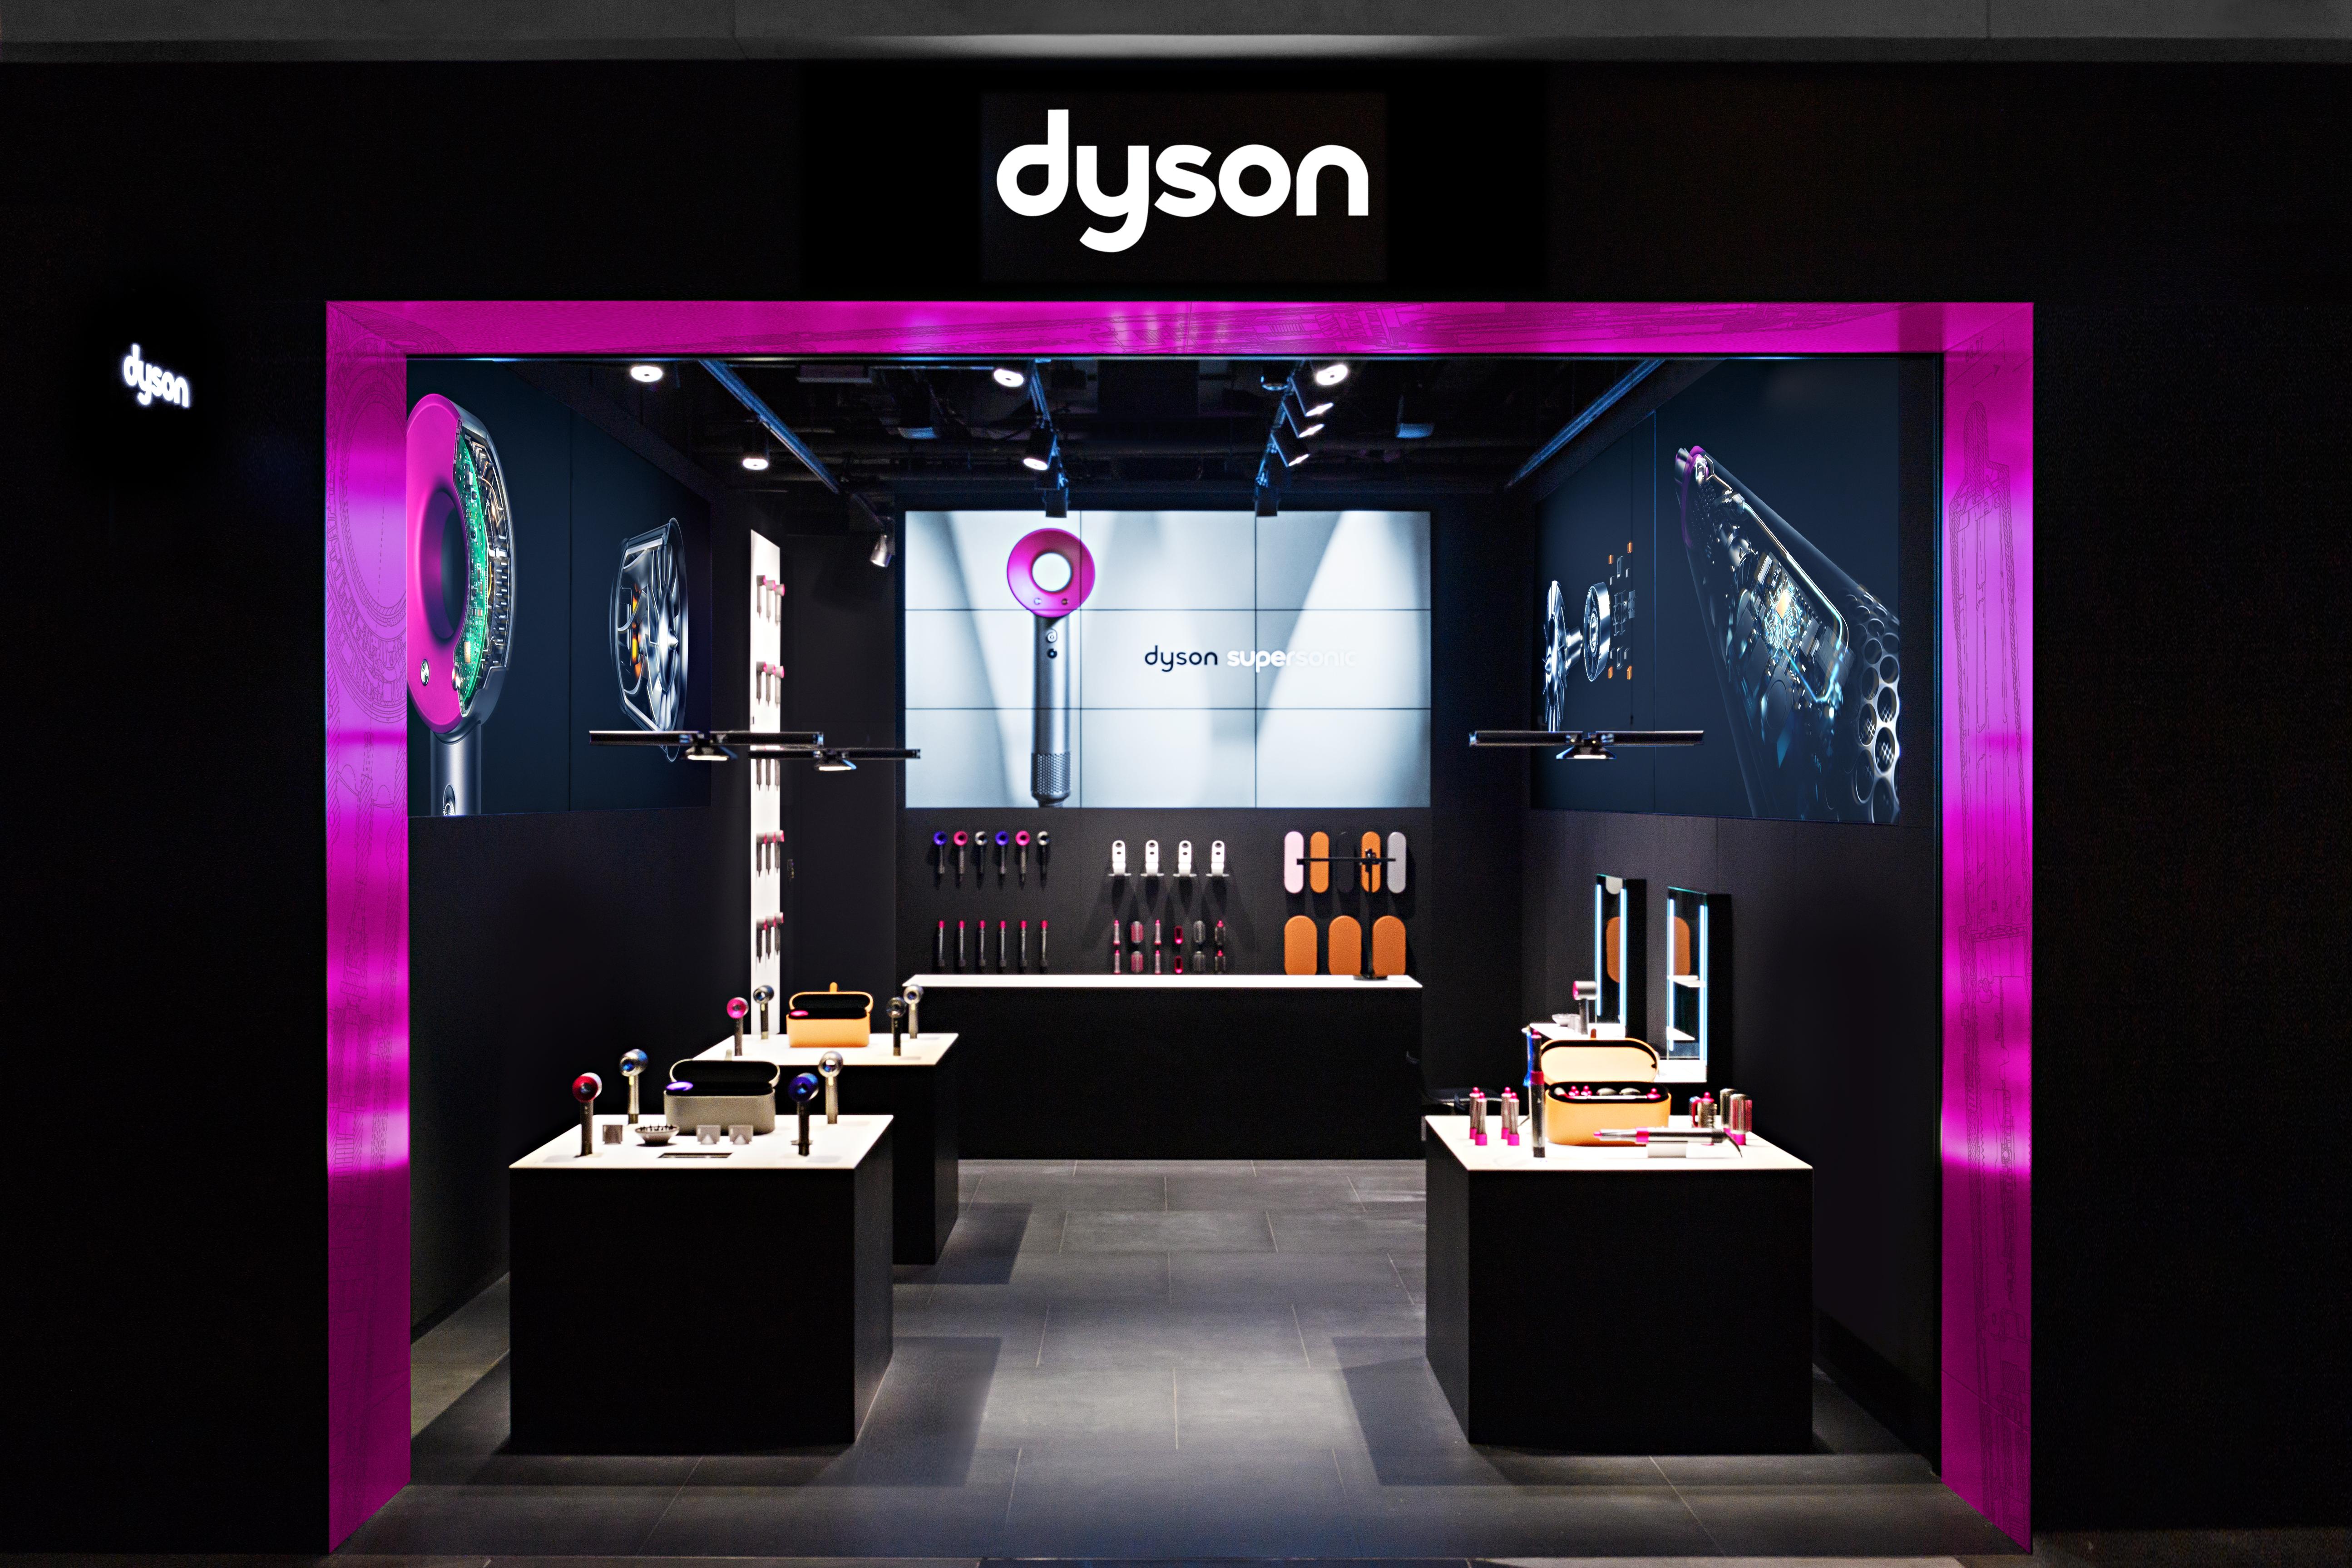 Dyson tsc store магазин поиск пылесос дайсон